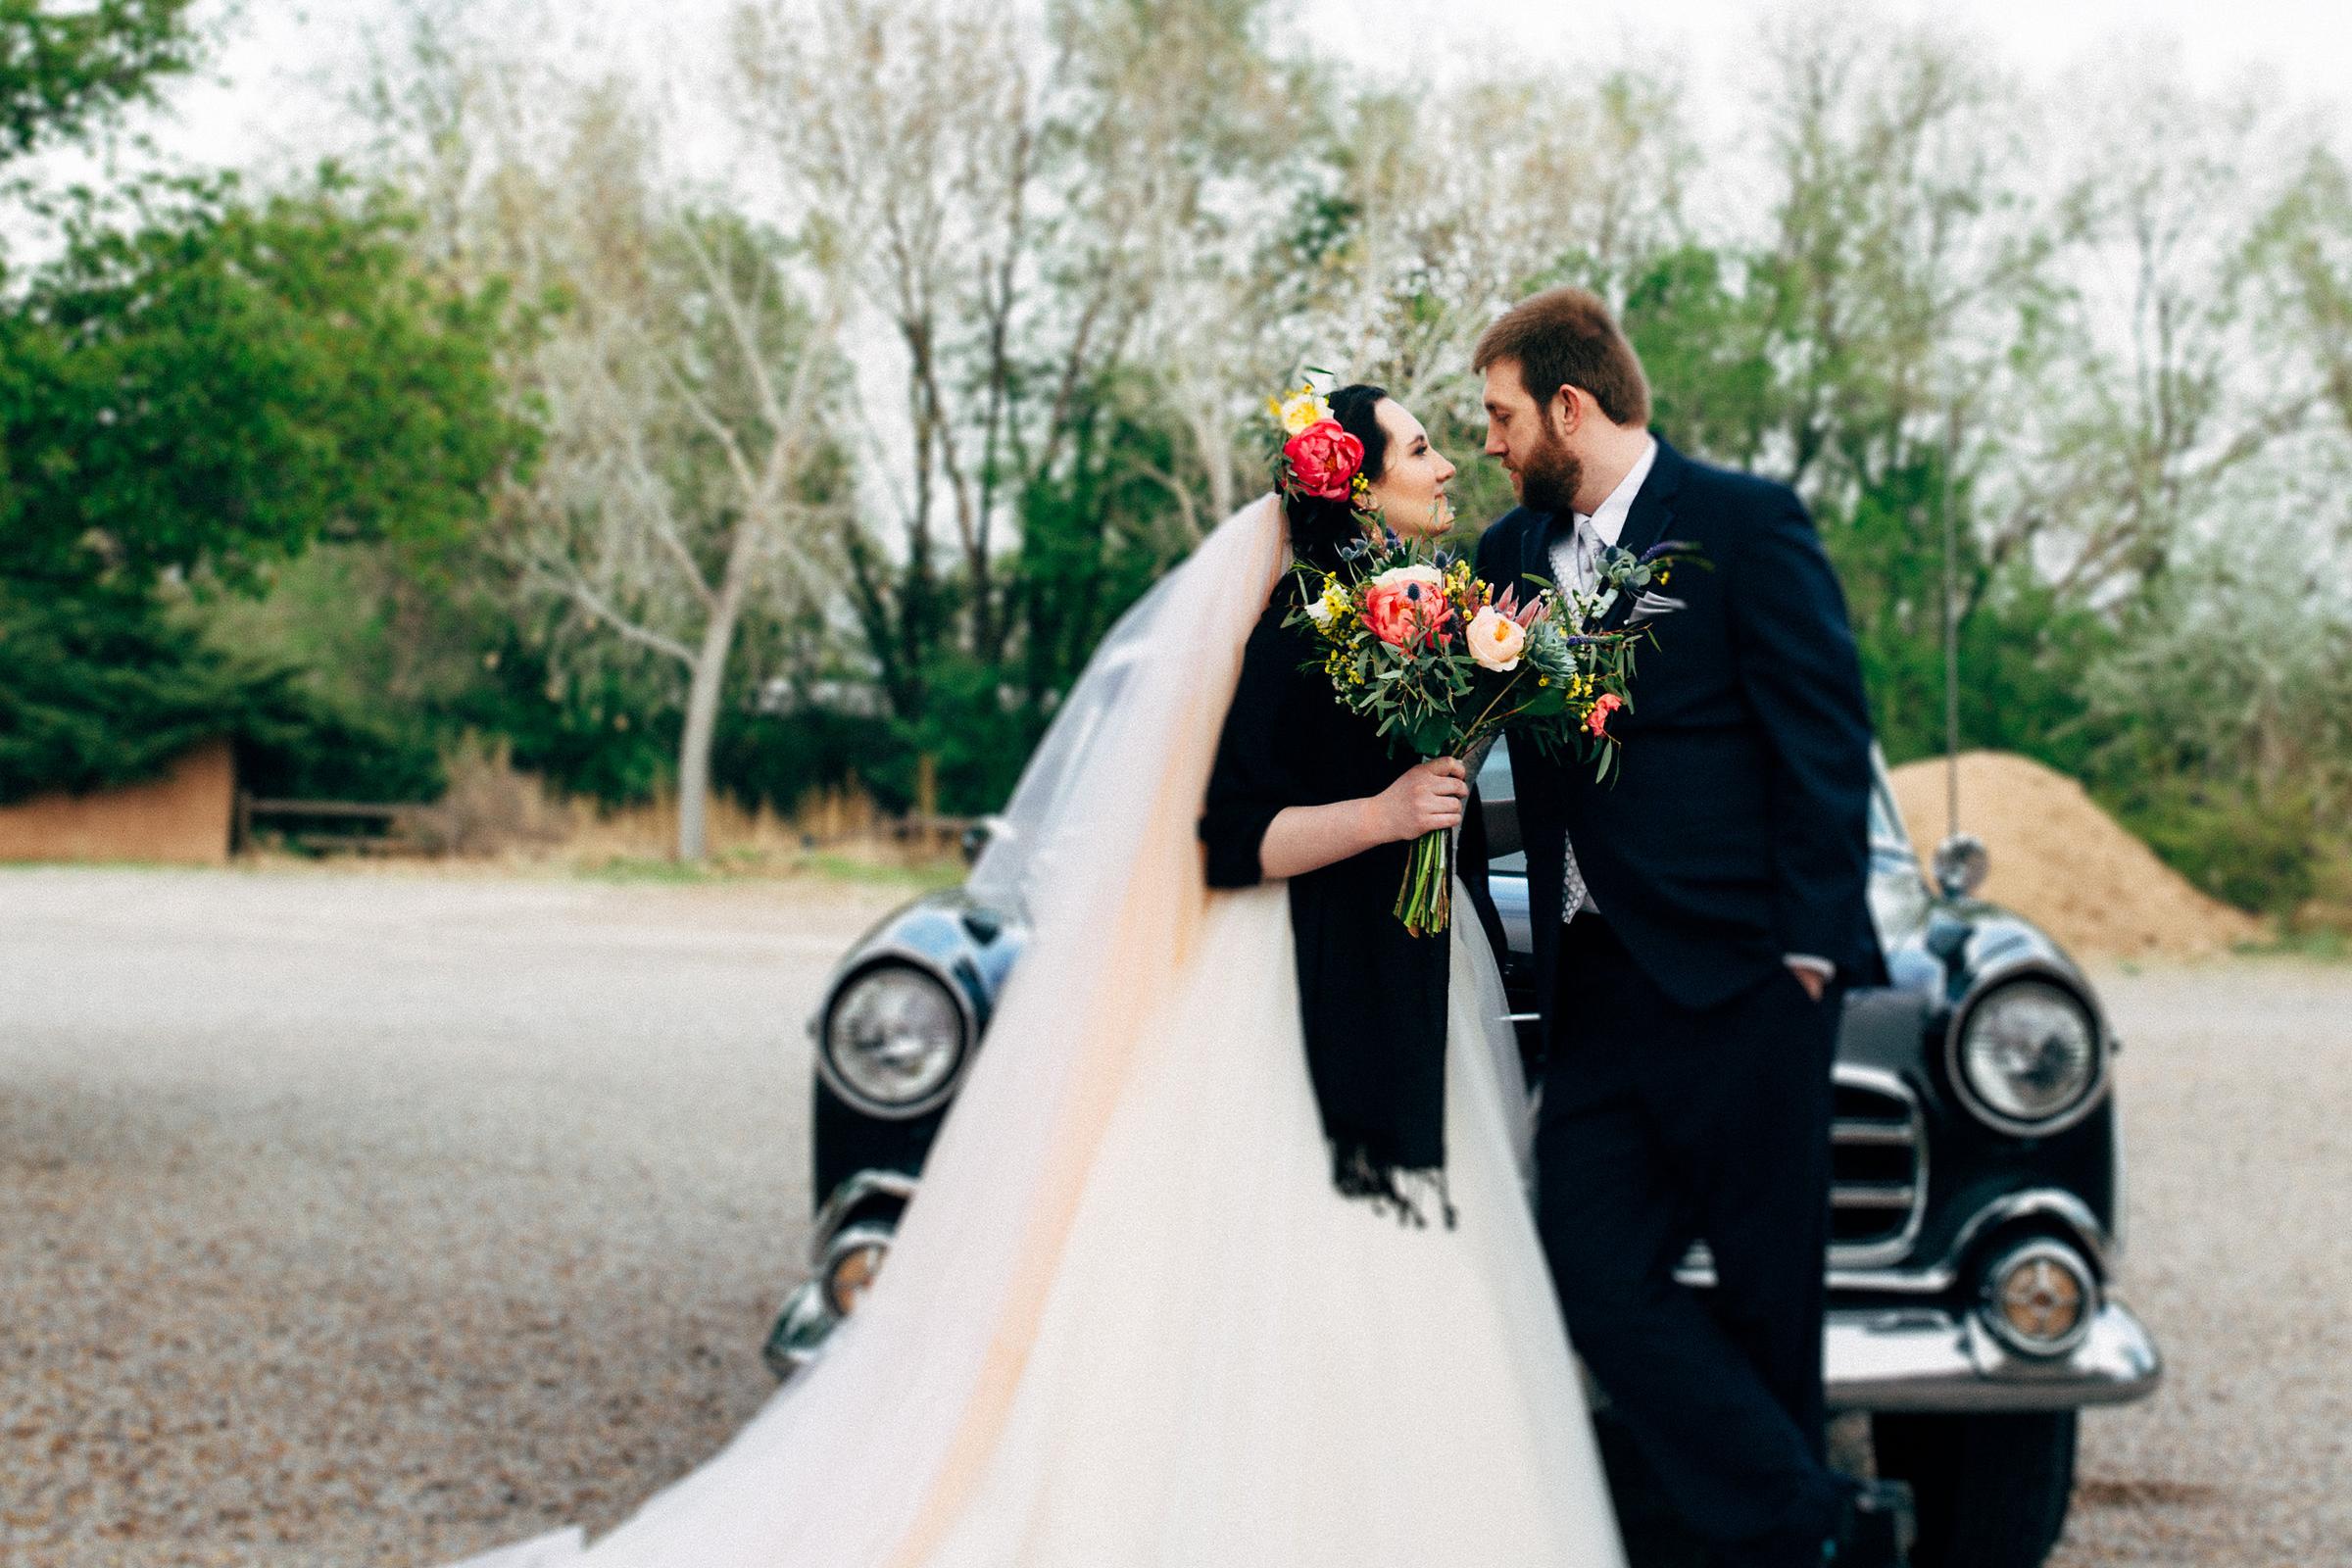 Megan & William | Wedding | San Ysidro